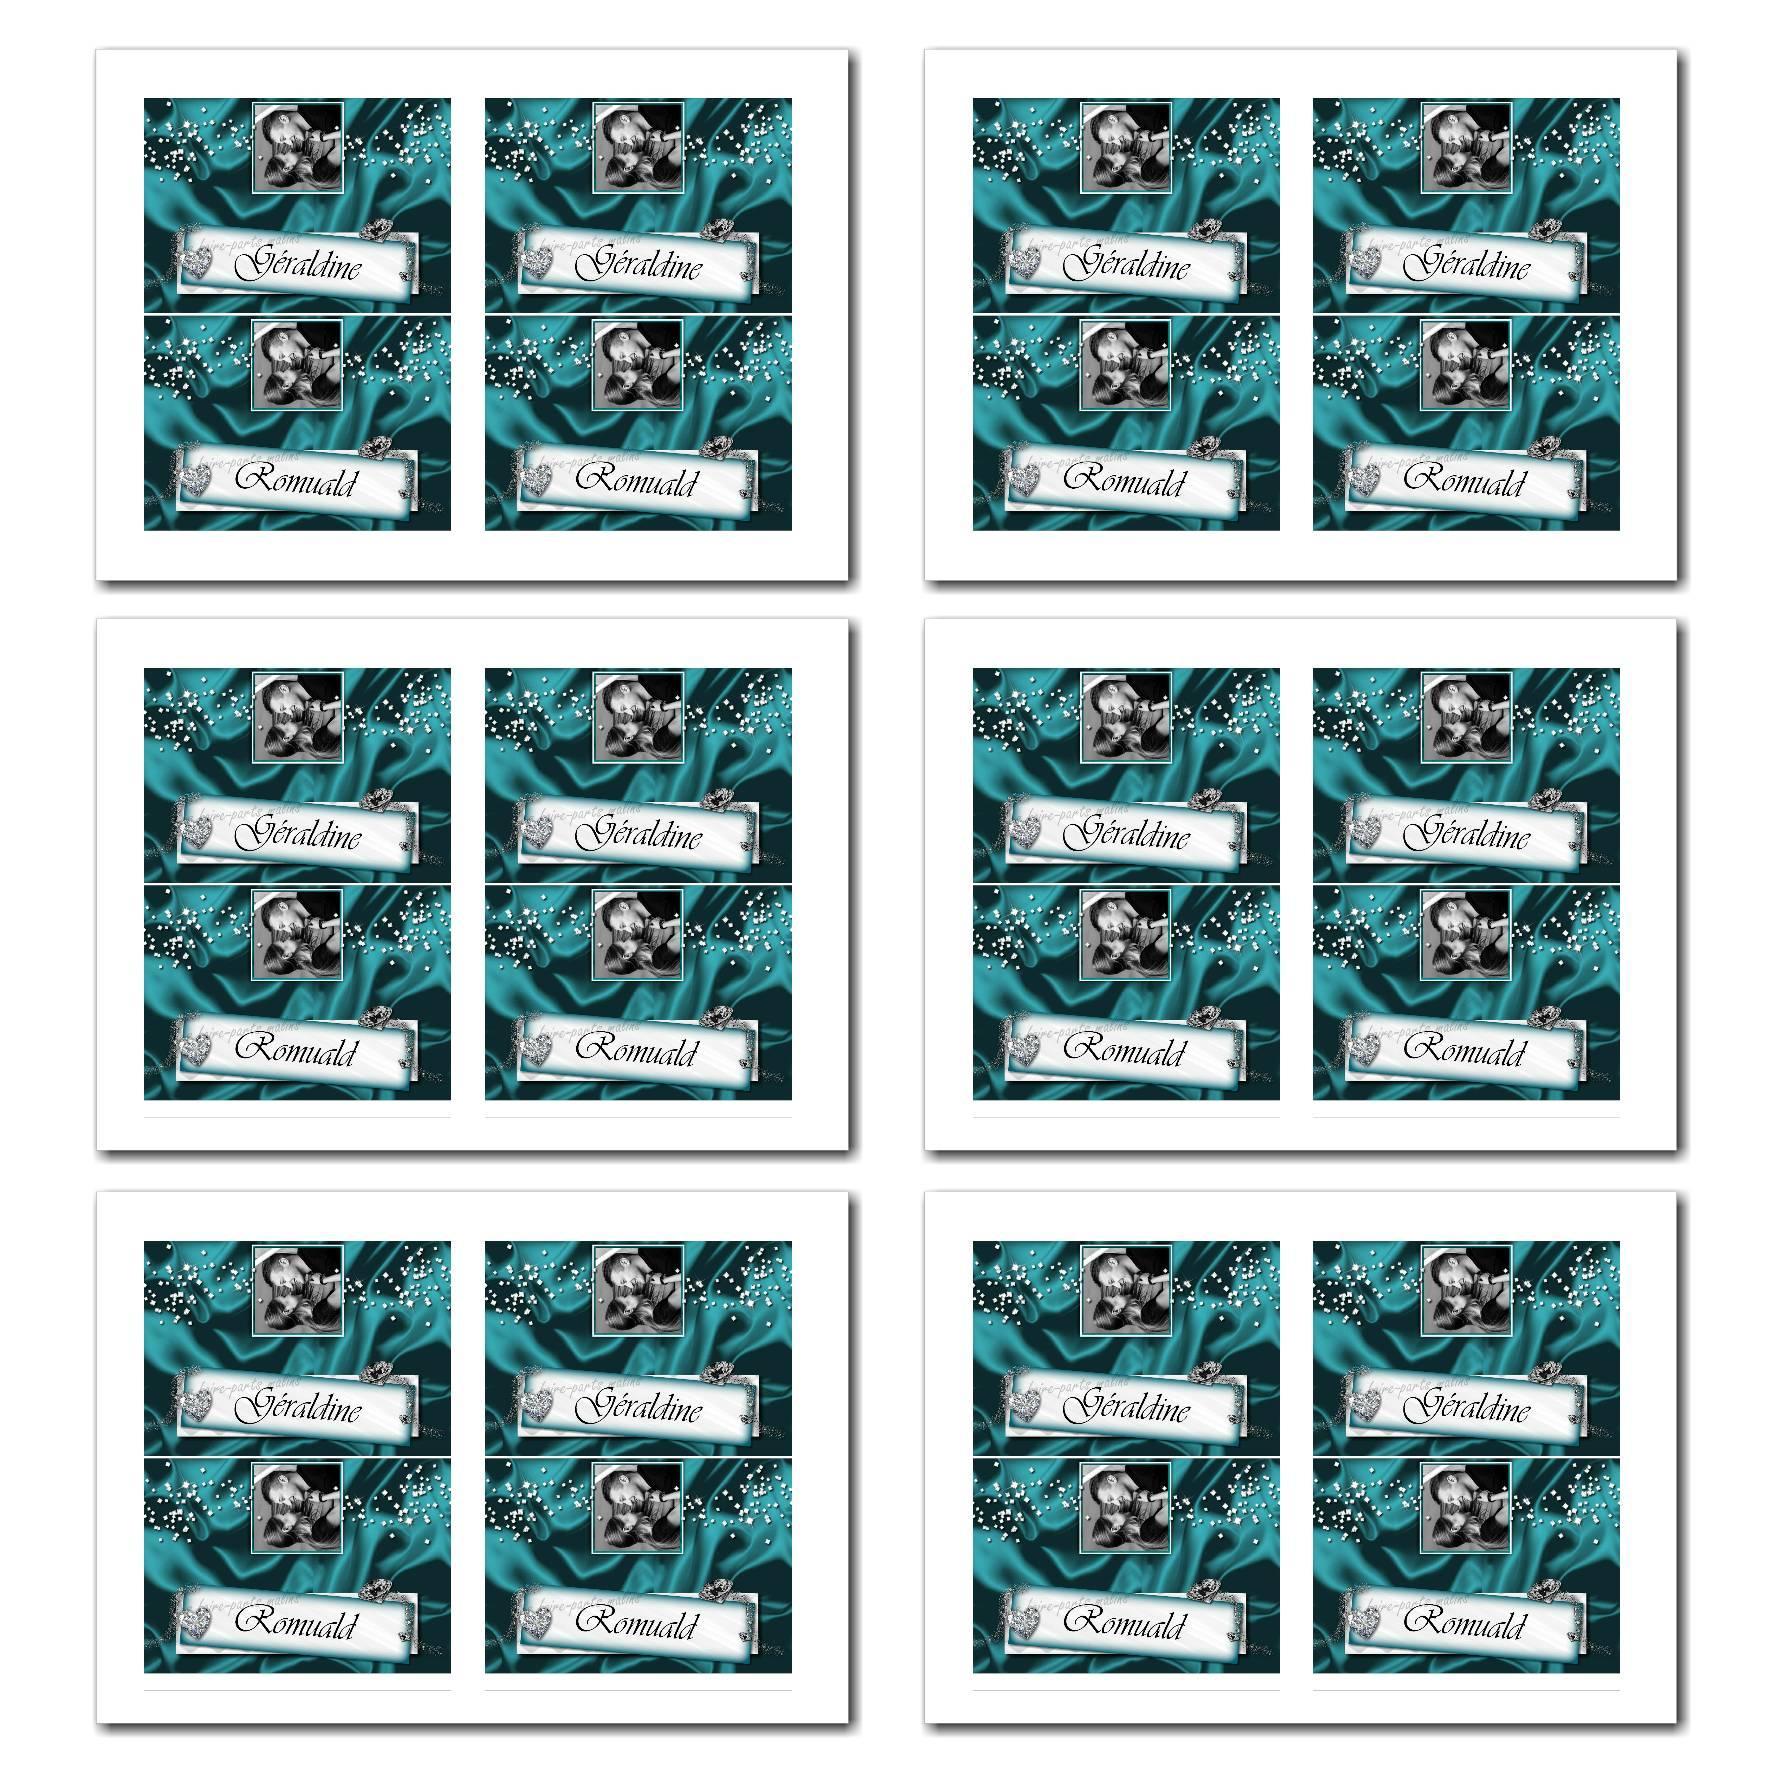 Marque-places avec prénom en turquoise et blanc avec diamants